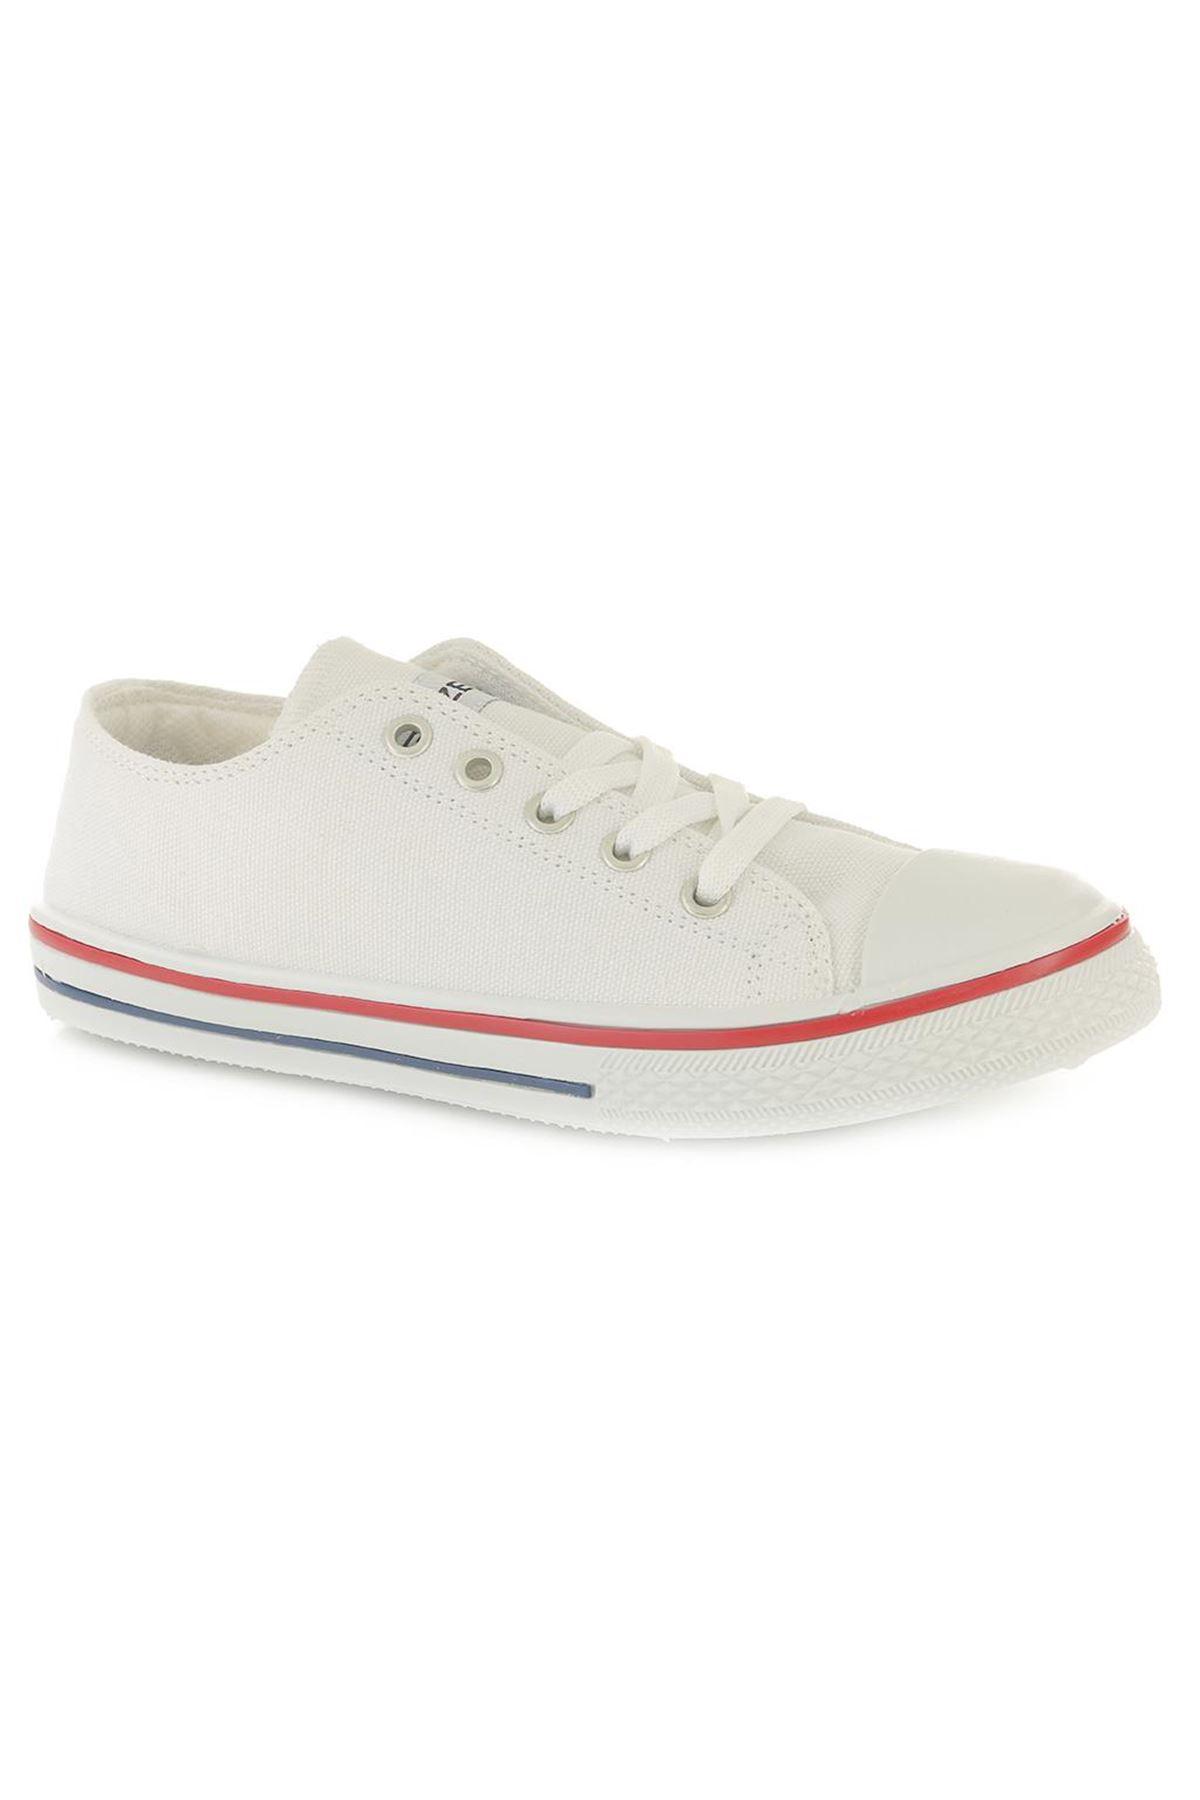 Gezer Kanvas Bez Beyaz Spor Ayakkabı, 23 Nisan Ayakkabısı